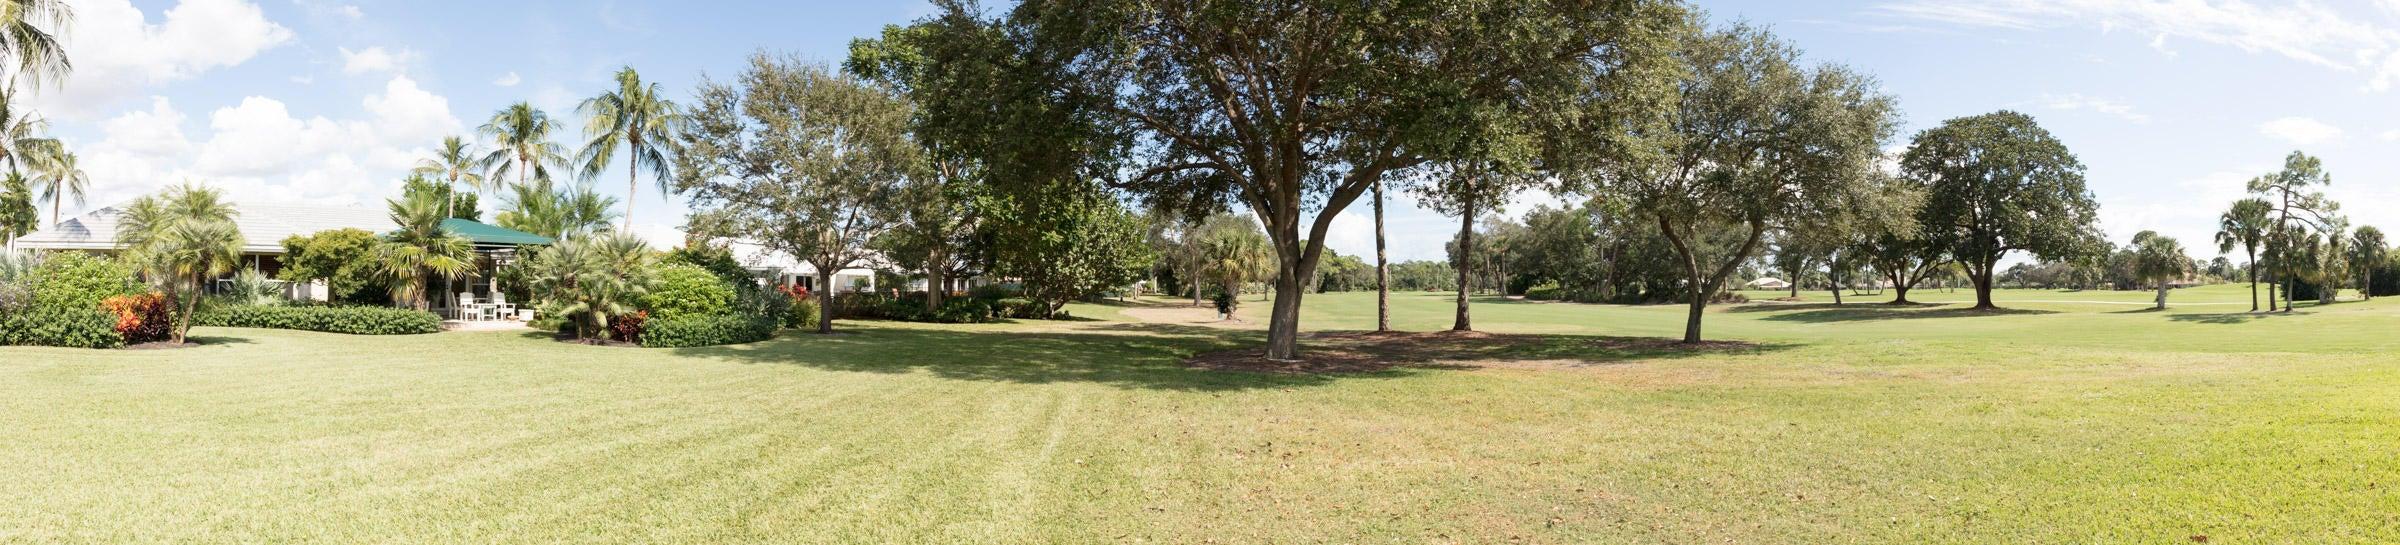 11950 N Lake Drive